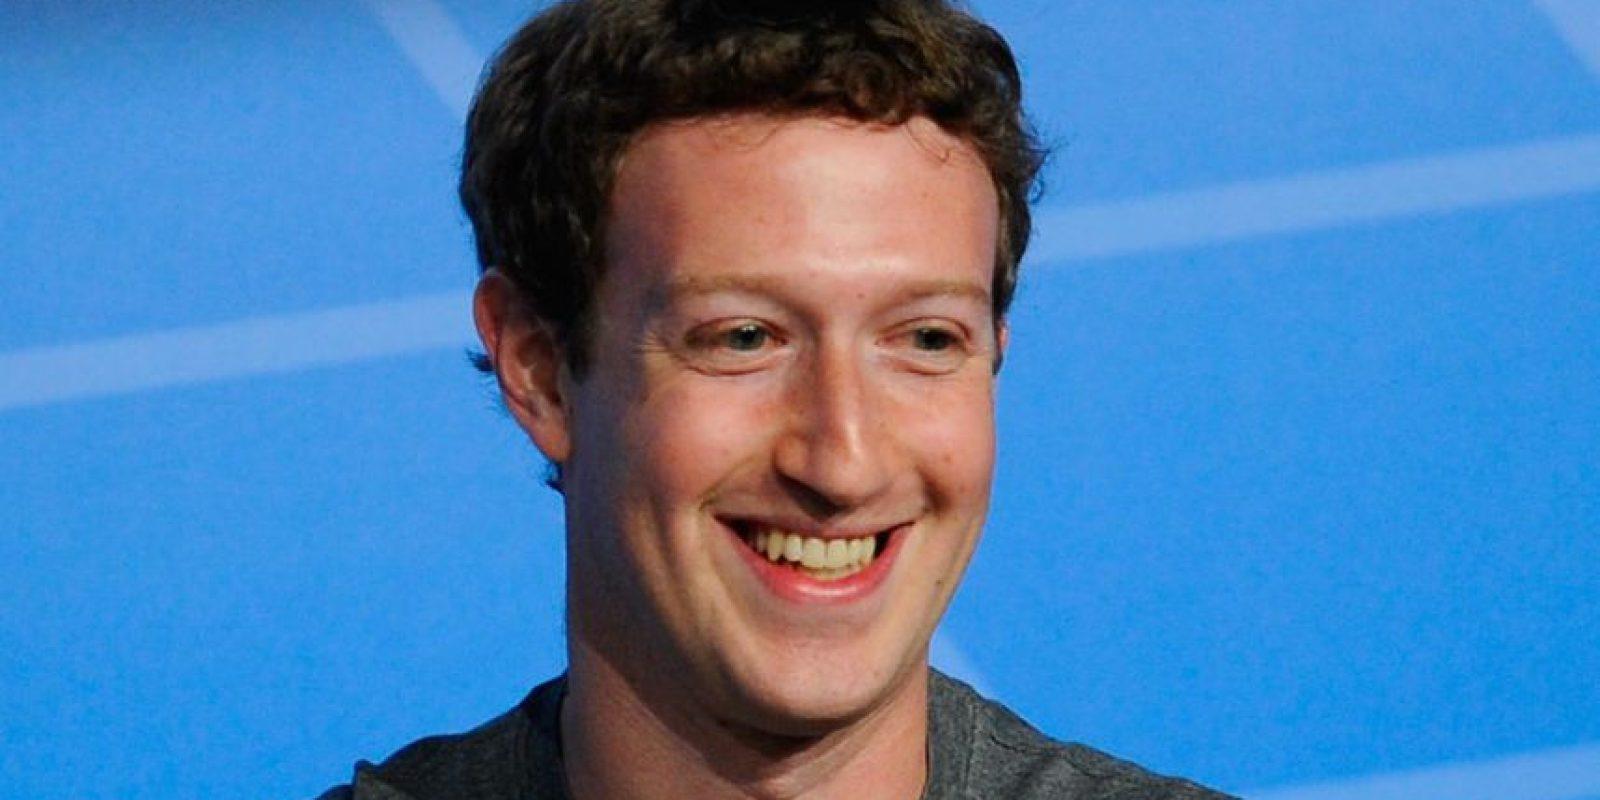 El CEO de Facebook también tiene otras propiedades. Foto:Getty Images